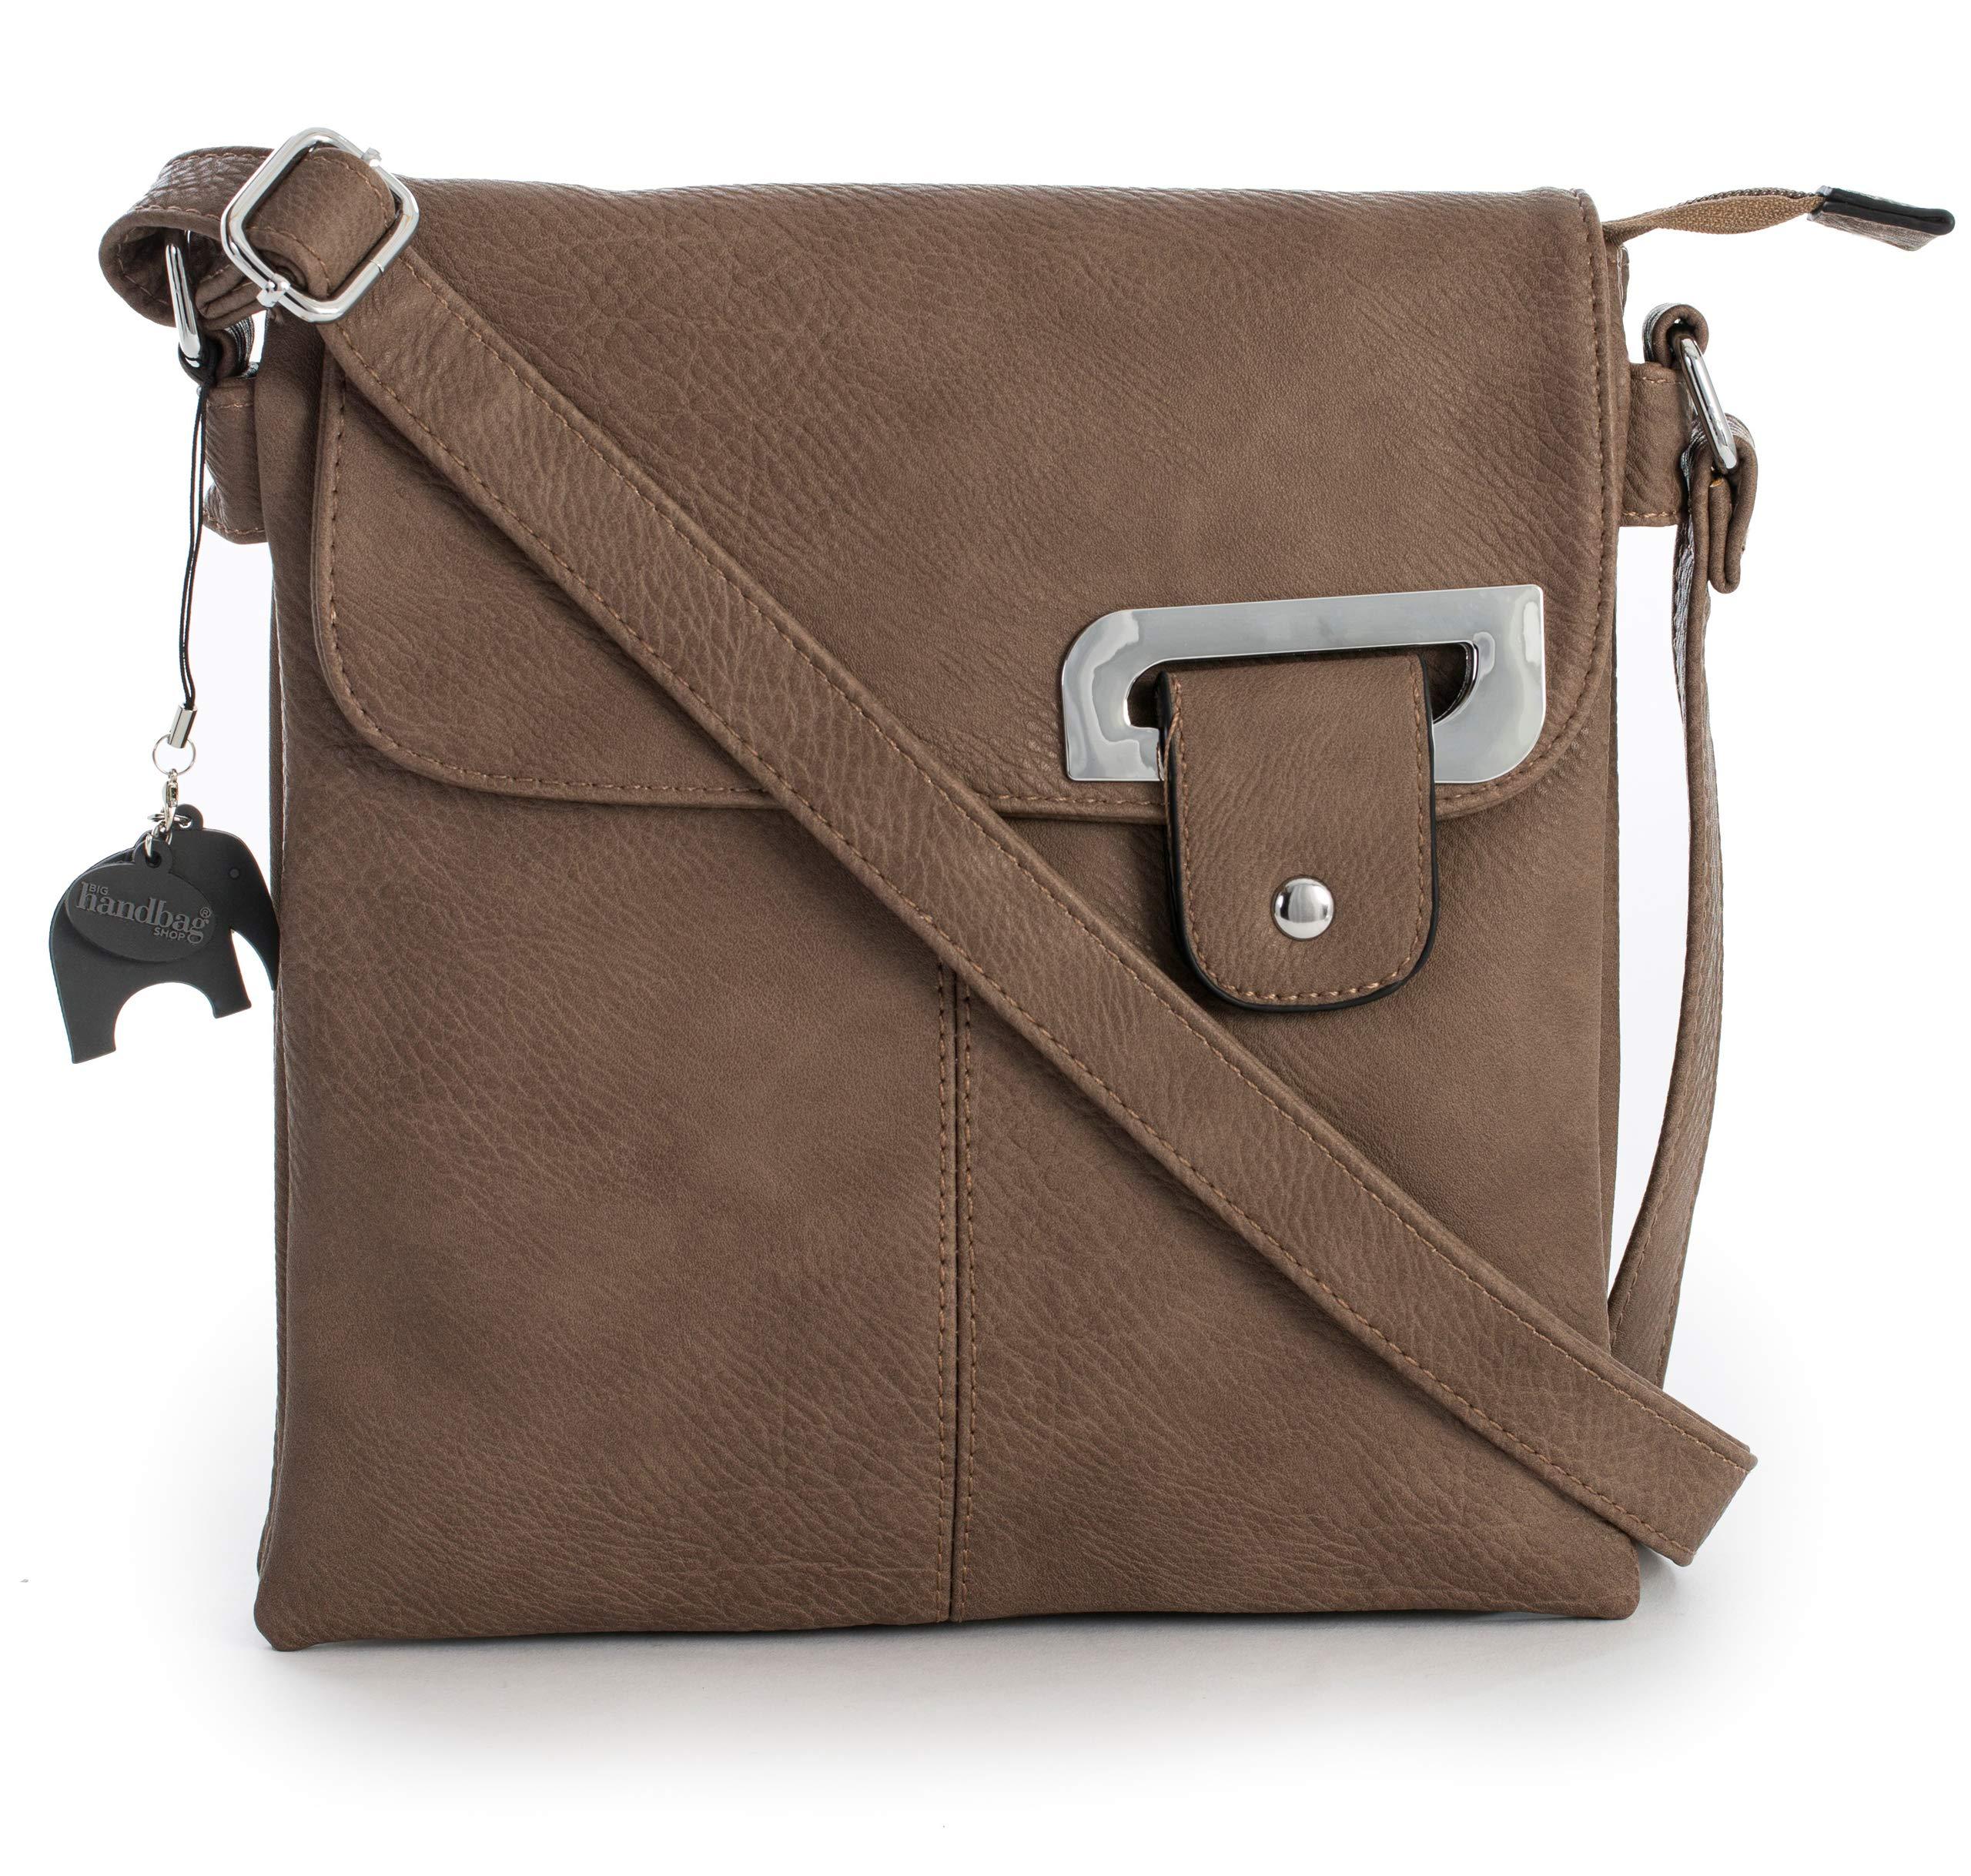 Big Handbag Shop Womens Medium Trendy Messenger Cross Body Shoulder Bag  With a Branded Protective Storage e4a2eda6a6d0a